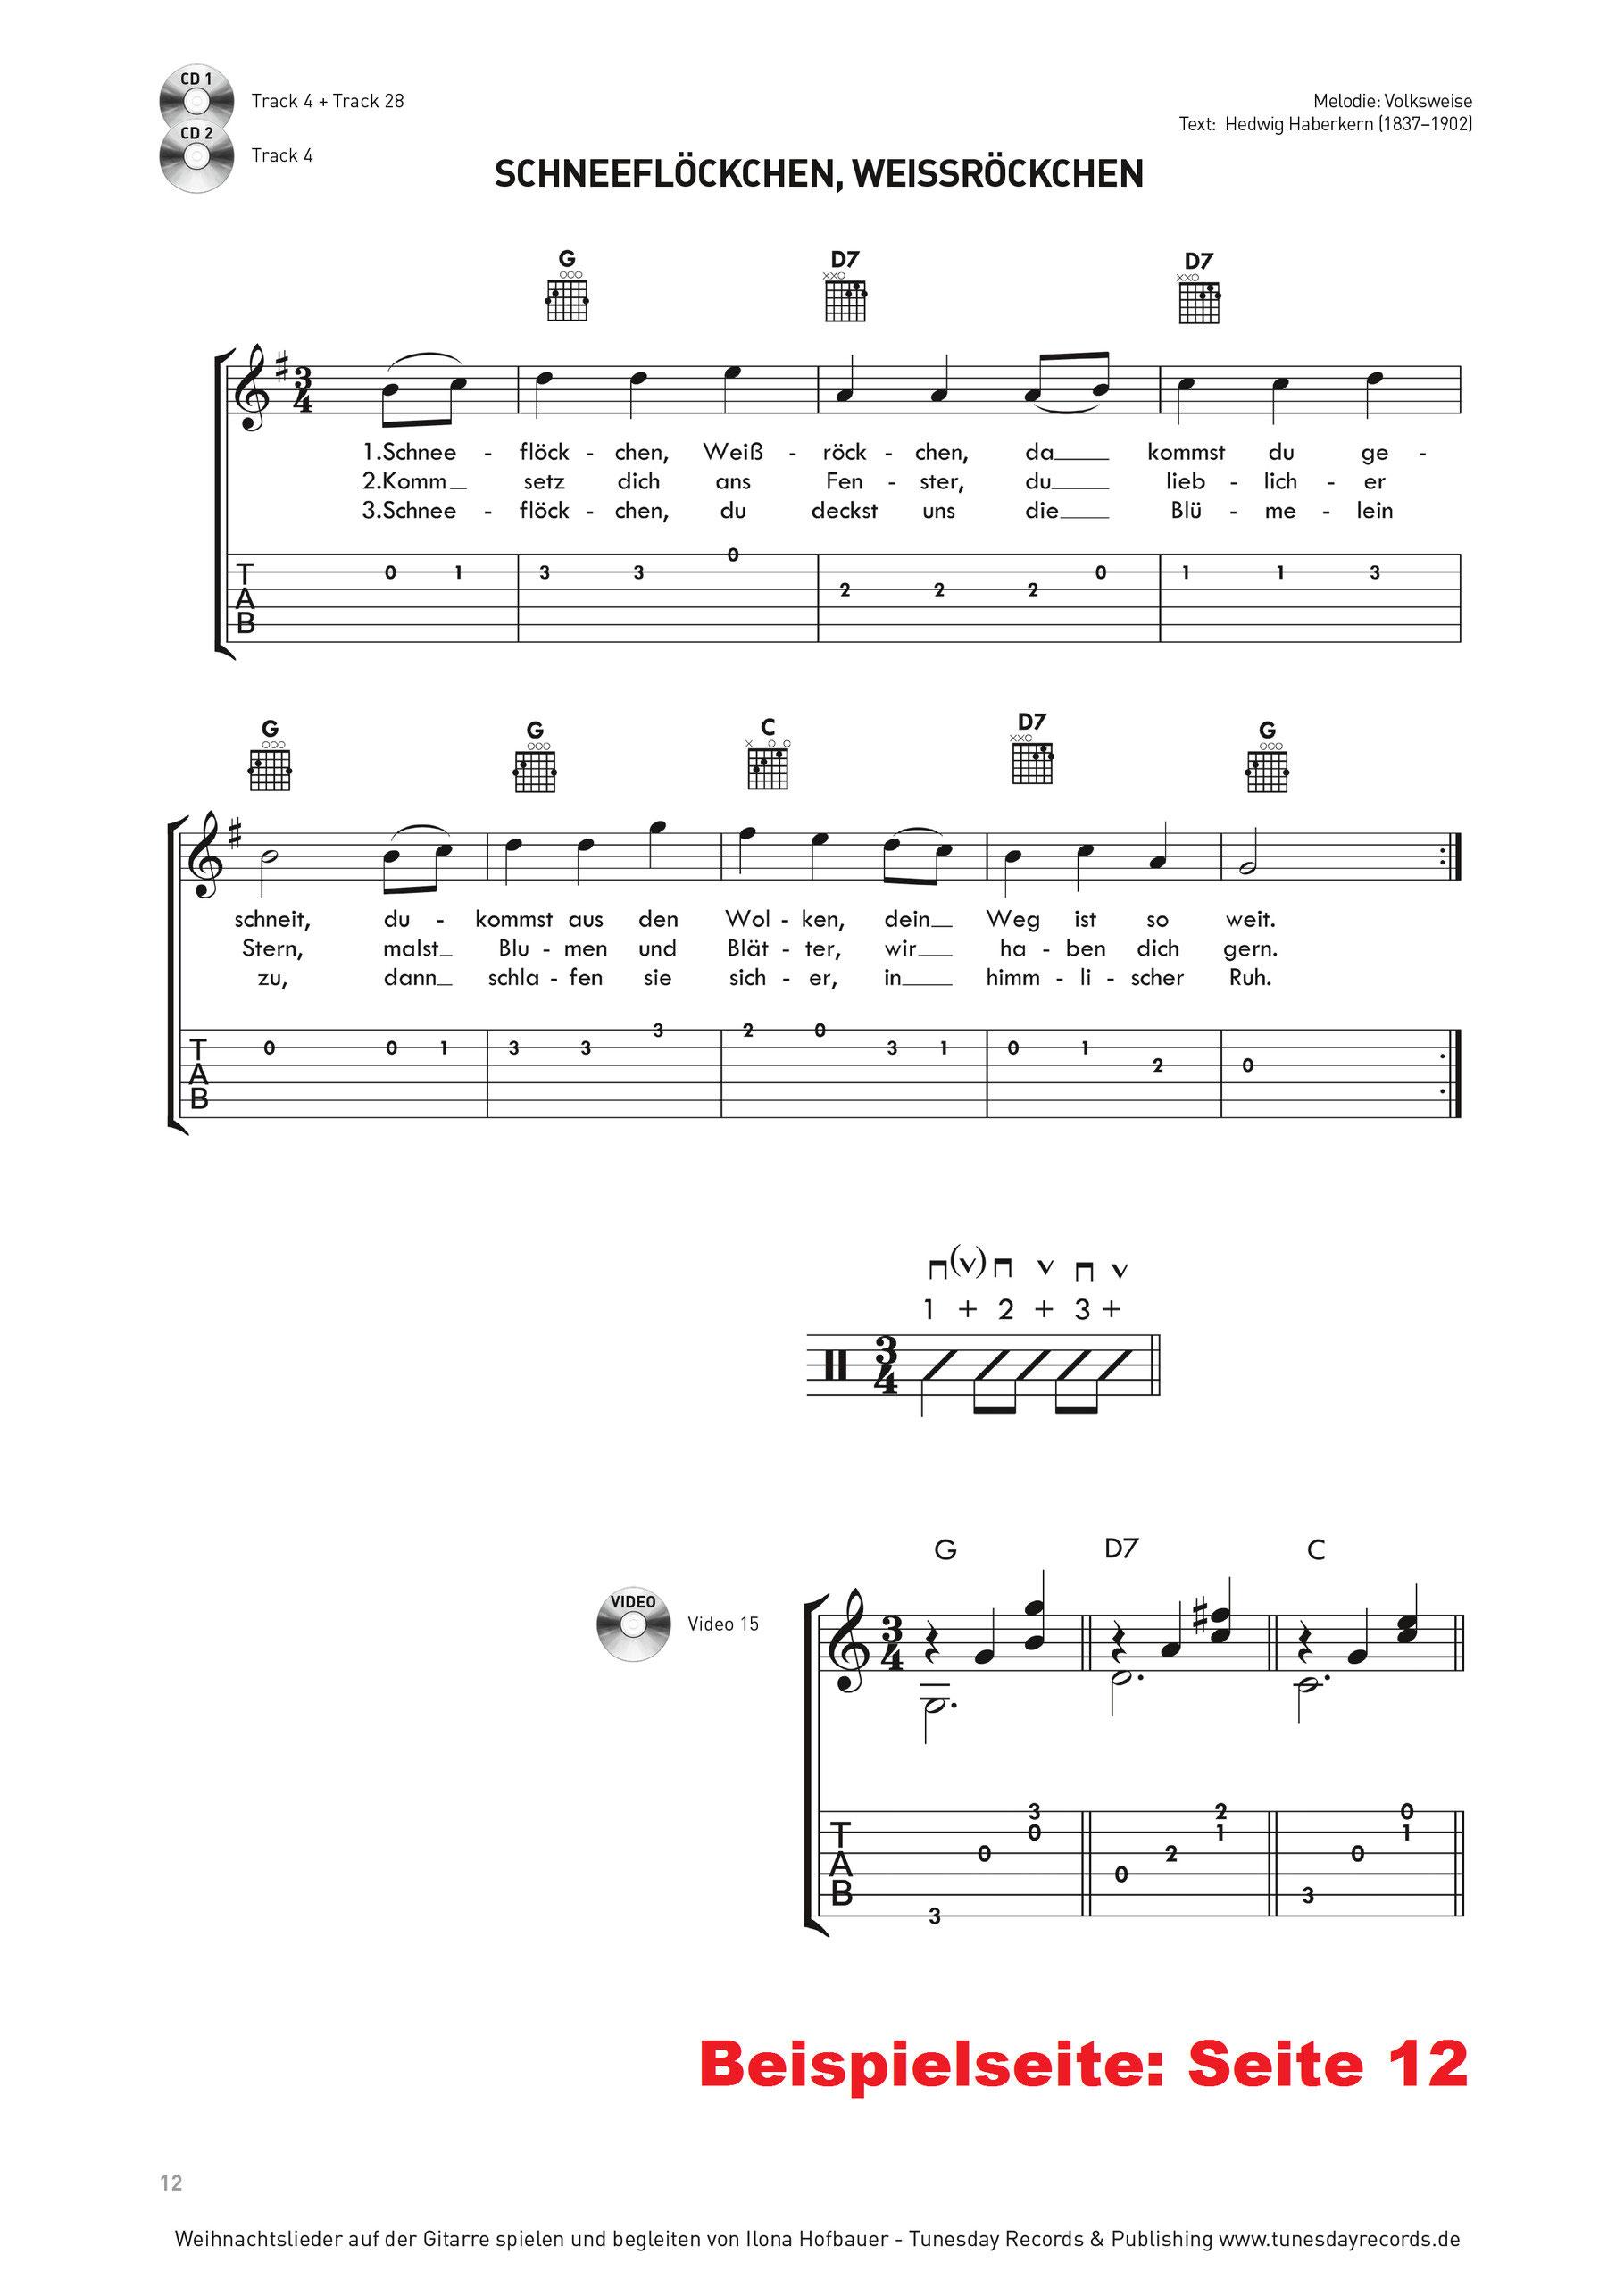 Weihnachtslieder auf der Gitarre spielen und begleiten - Tunesday ...